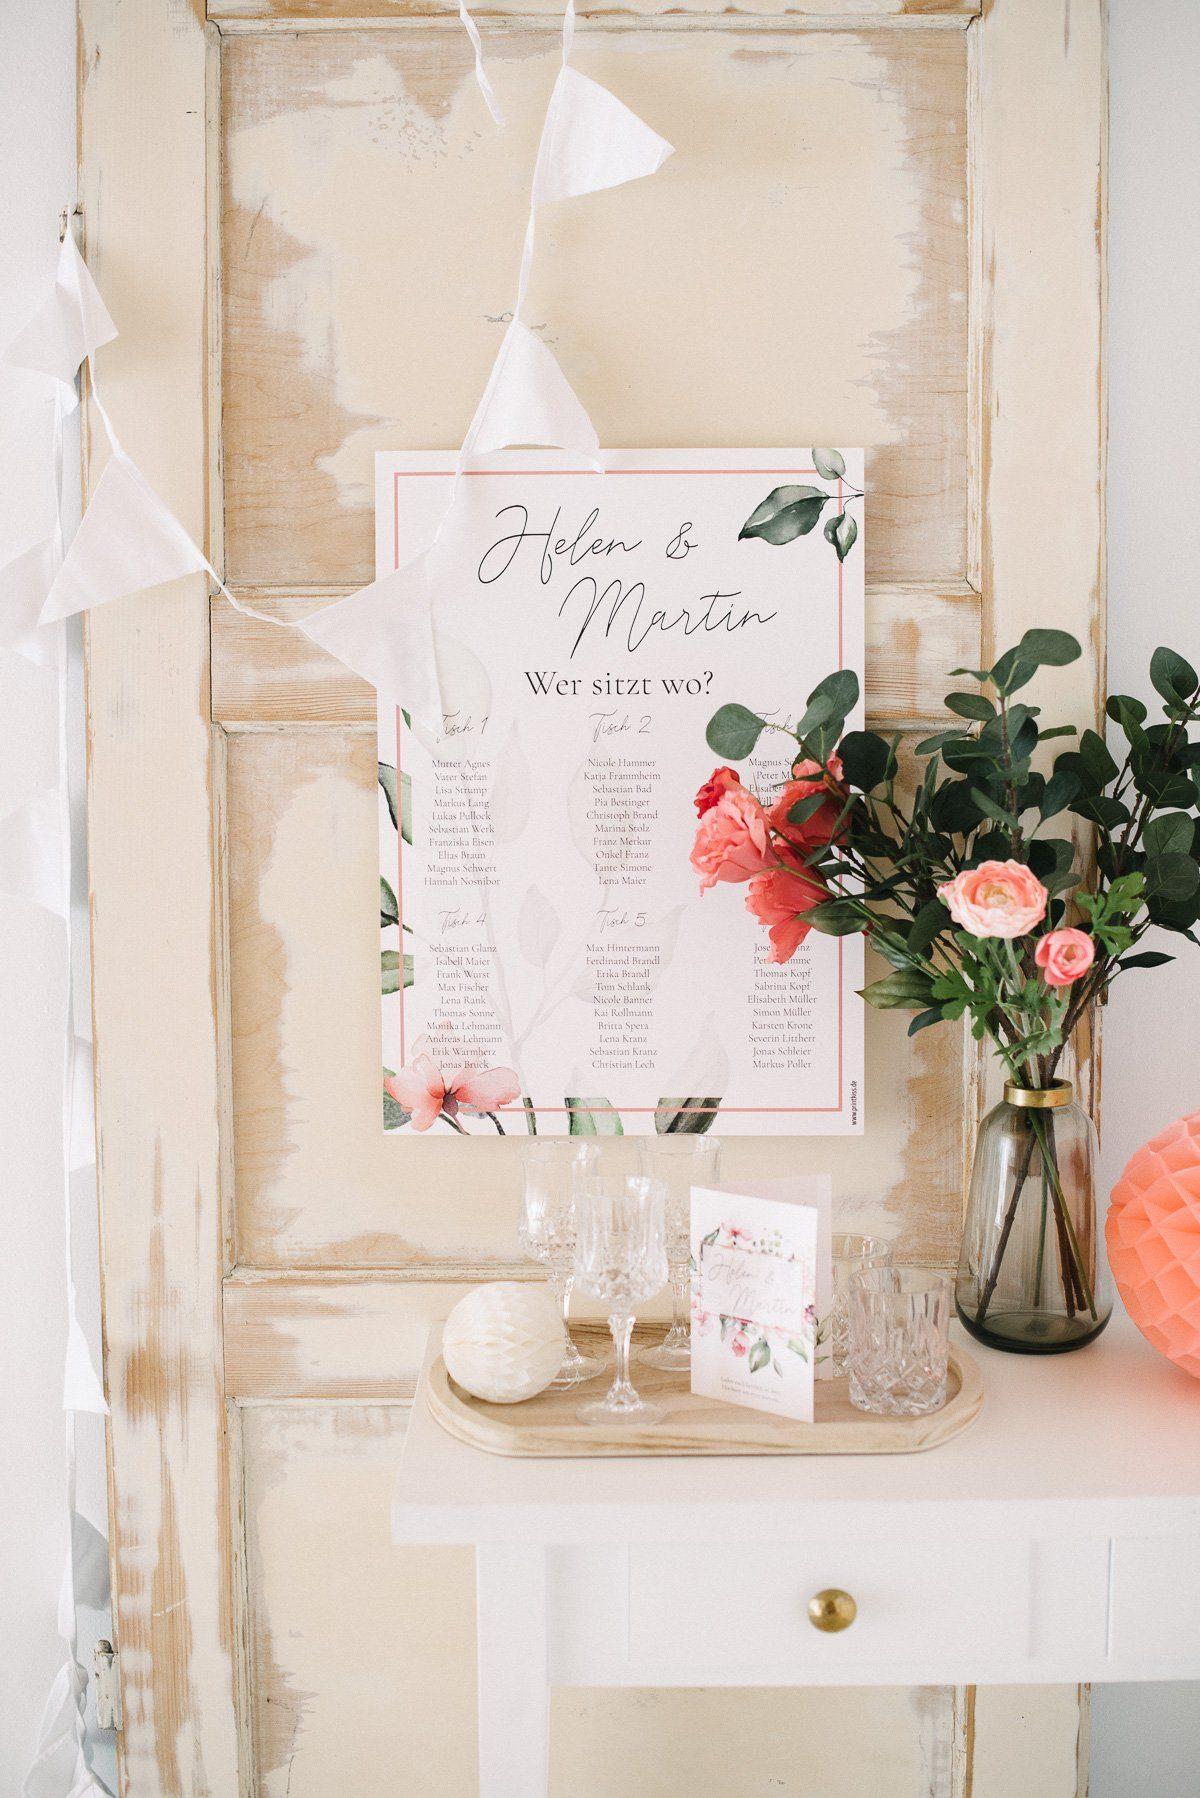 Sitzplan Poster für die Hochzeit